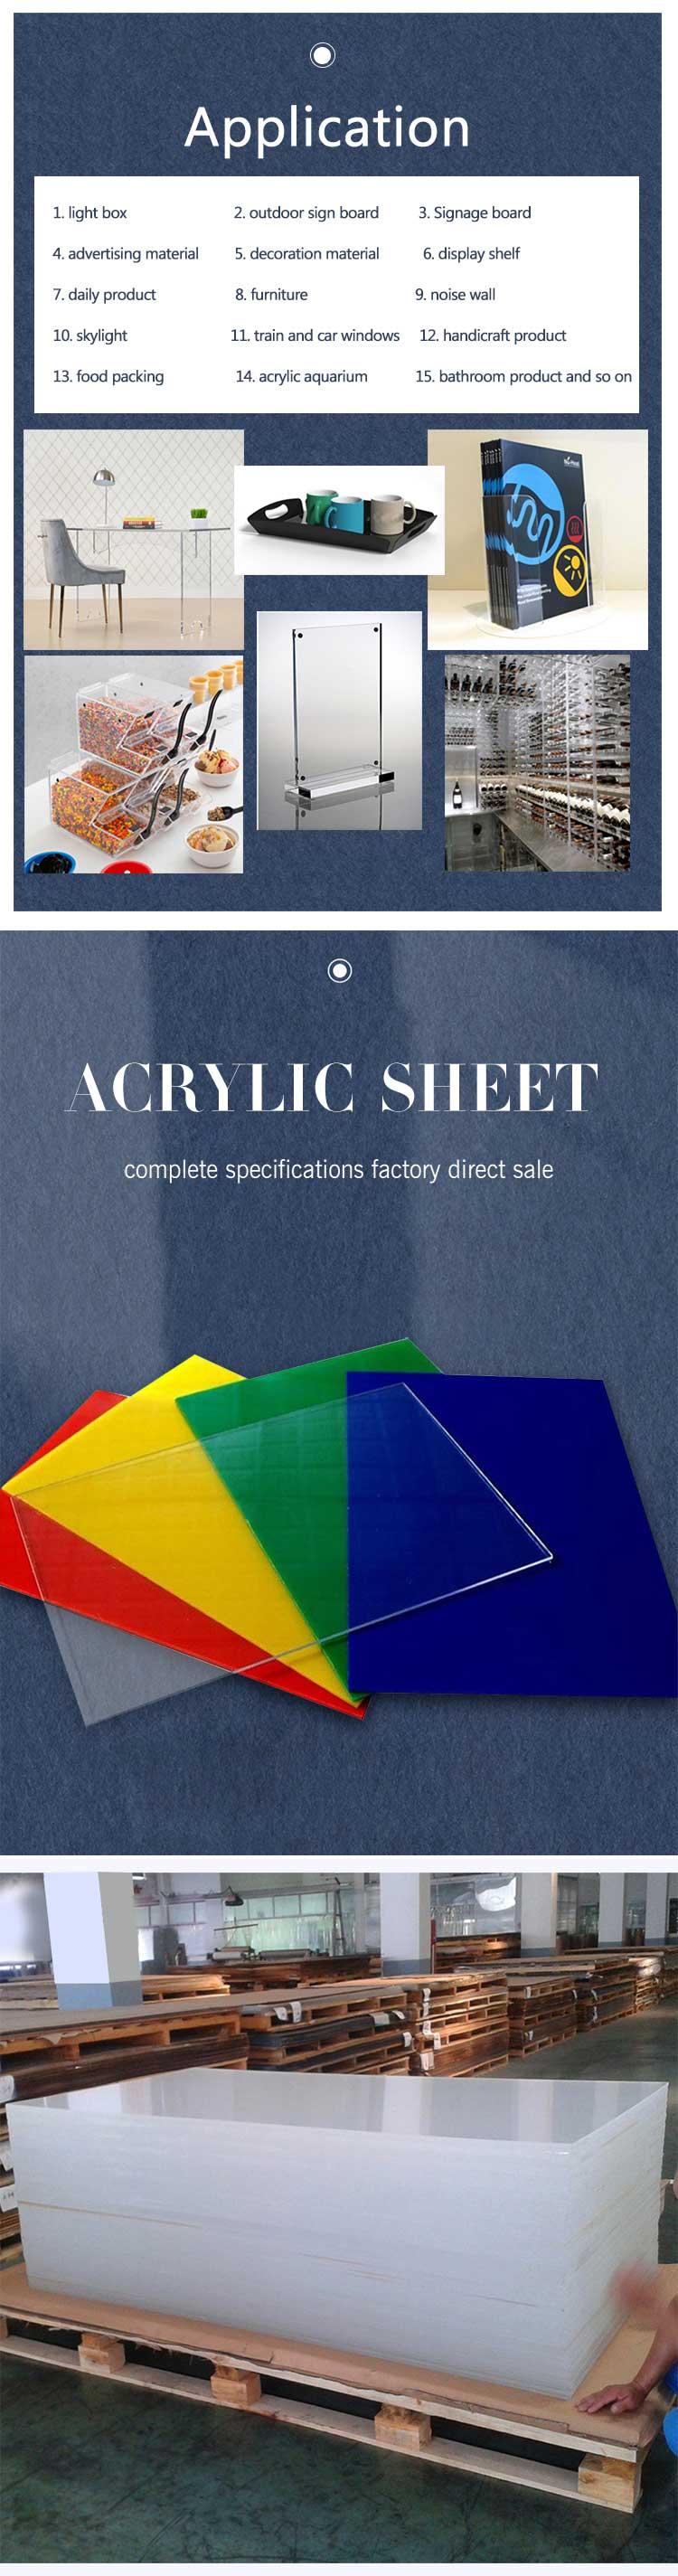 Yageli çin fabrika iyi fiyat perspex tedarikçisi pleksiglas dökme şeffaf 2mm akrilik levha